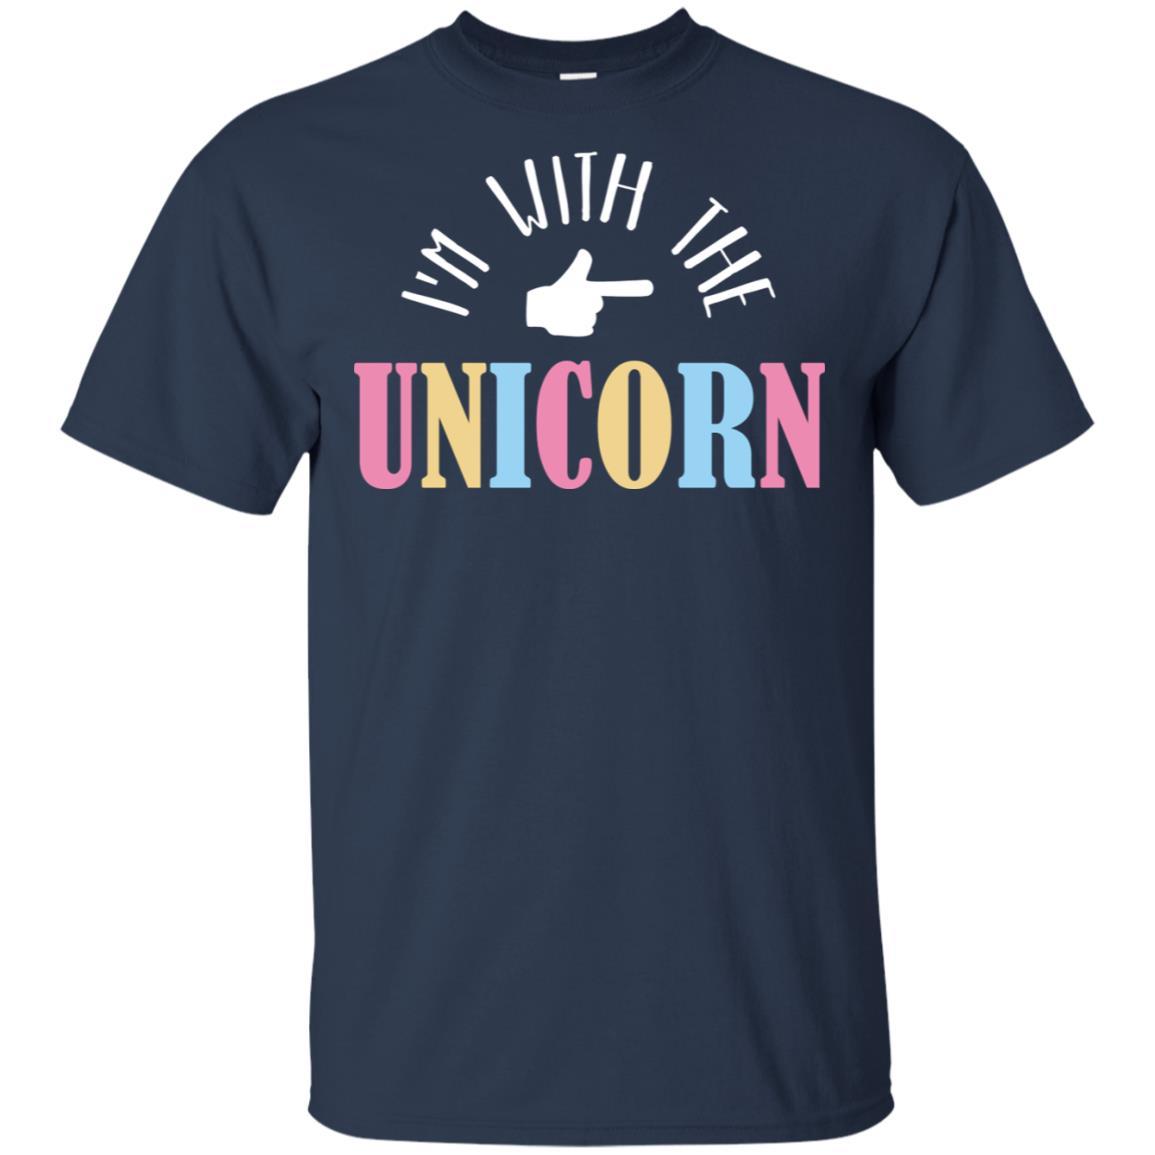 I'm With The Unicorn Cosplay Couple Funny Unisex Short Sleeve